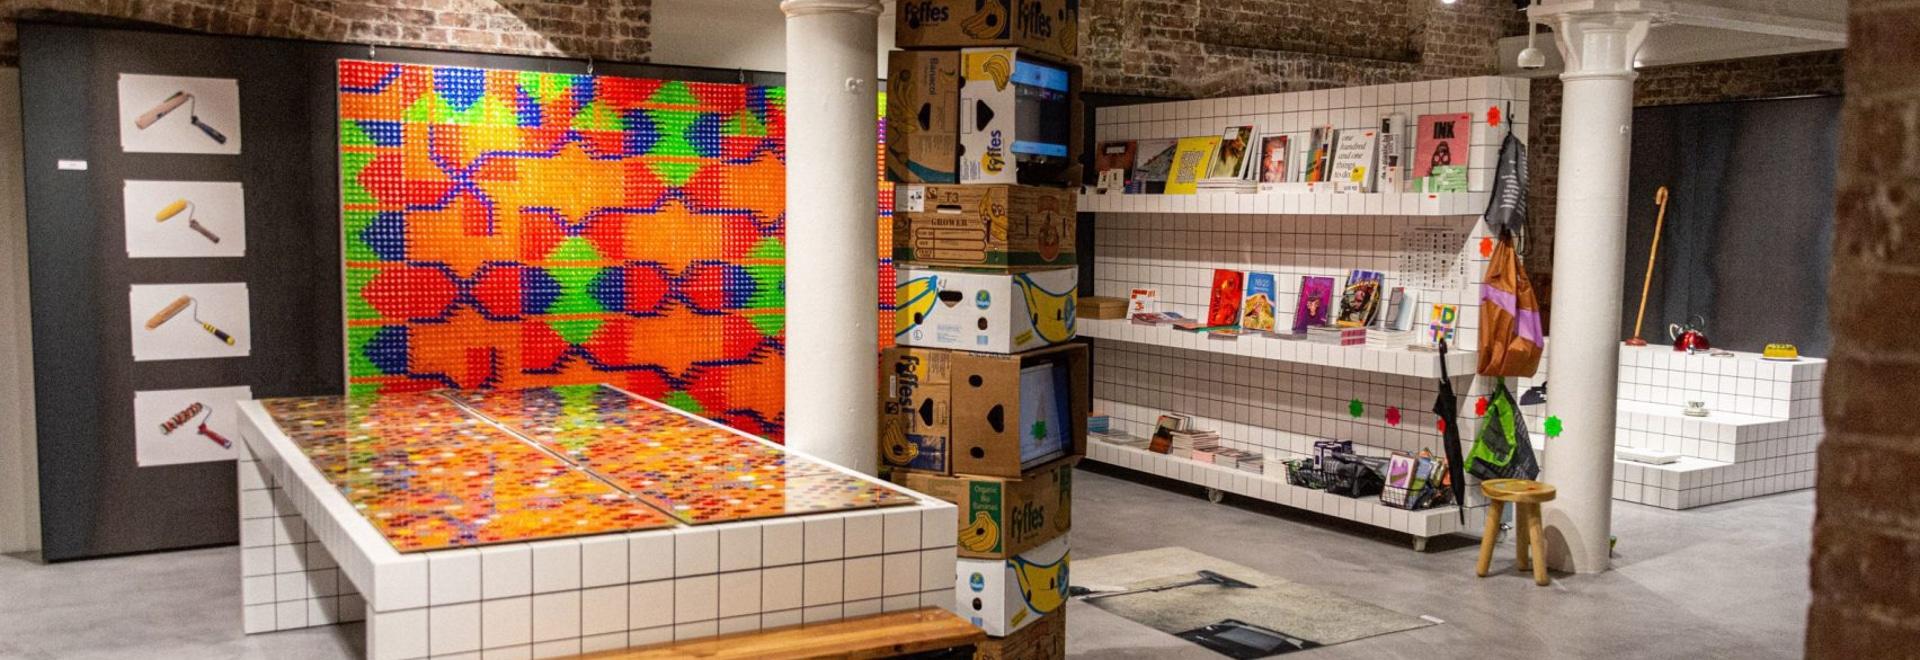 Vans lanza un espacio de exposición en la boutique de Covent Garden